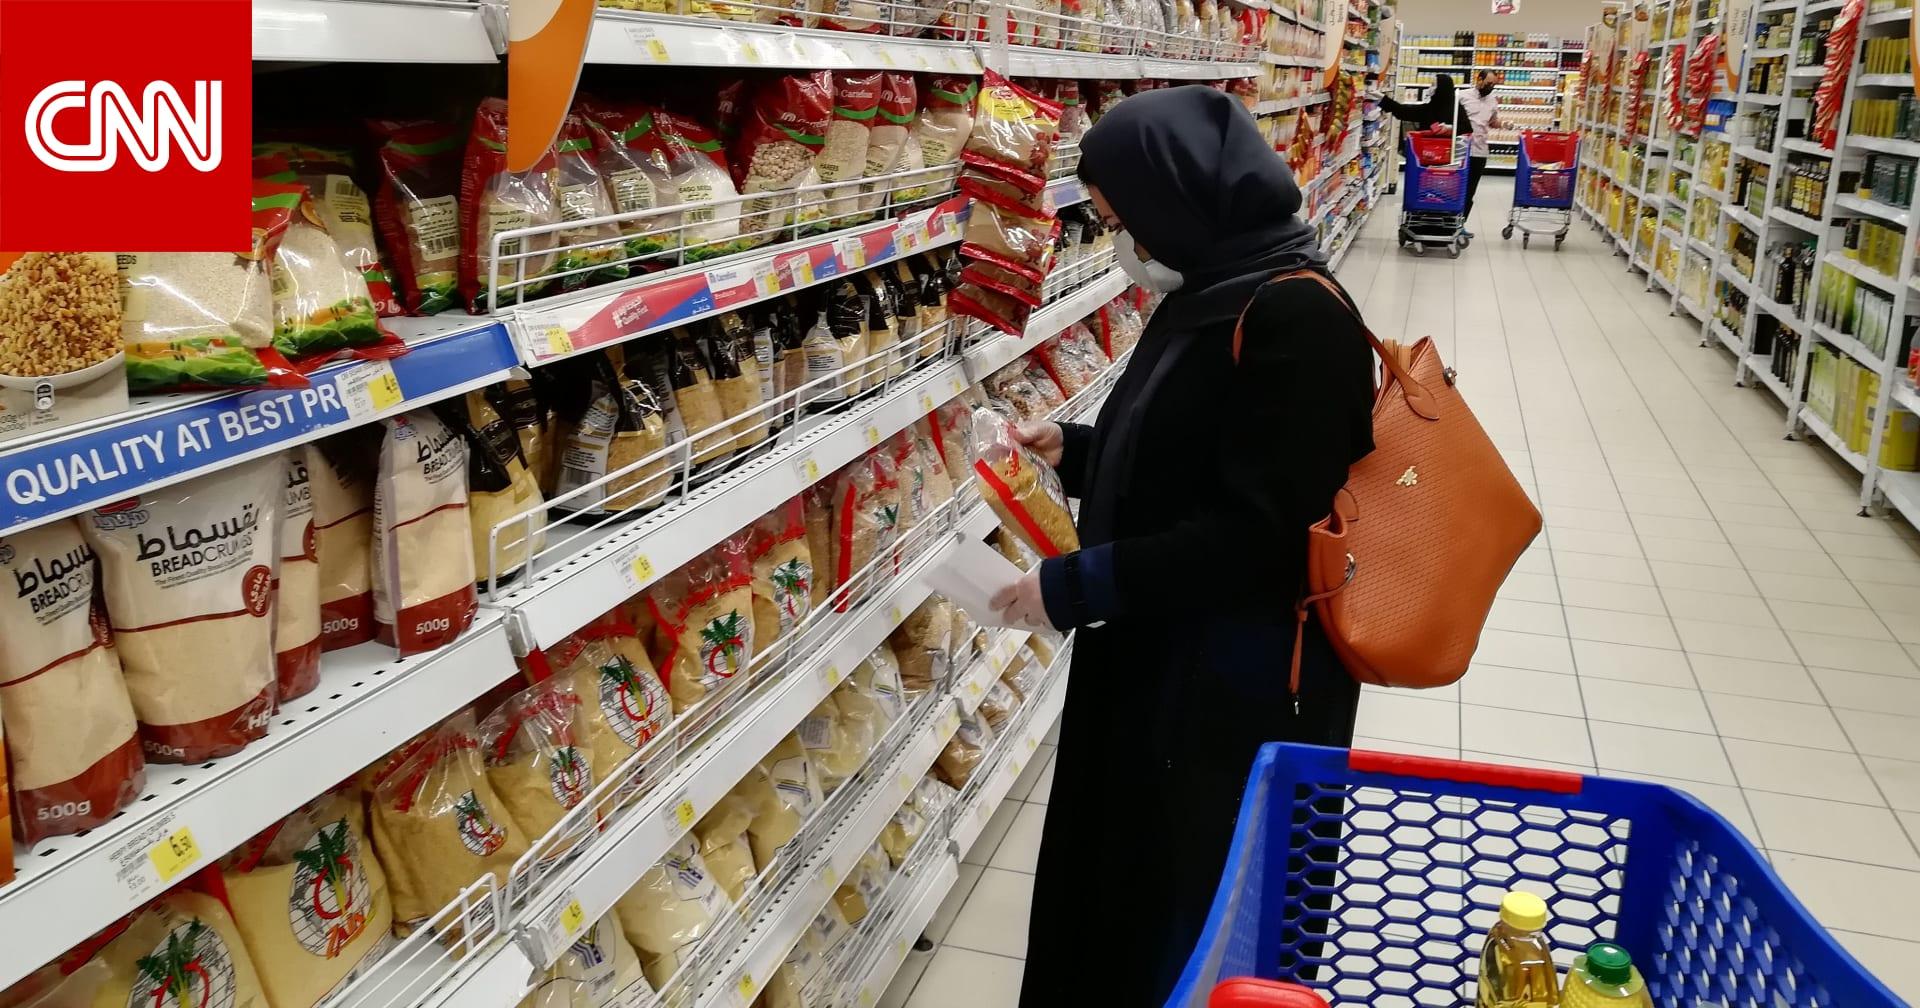 معدلات التضخم لأسعار المستهلك في دول الخليج تصل إلى %3.5